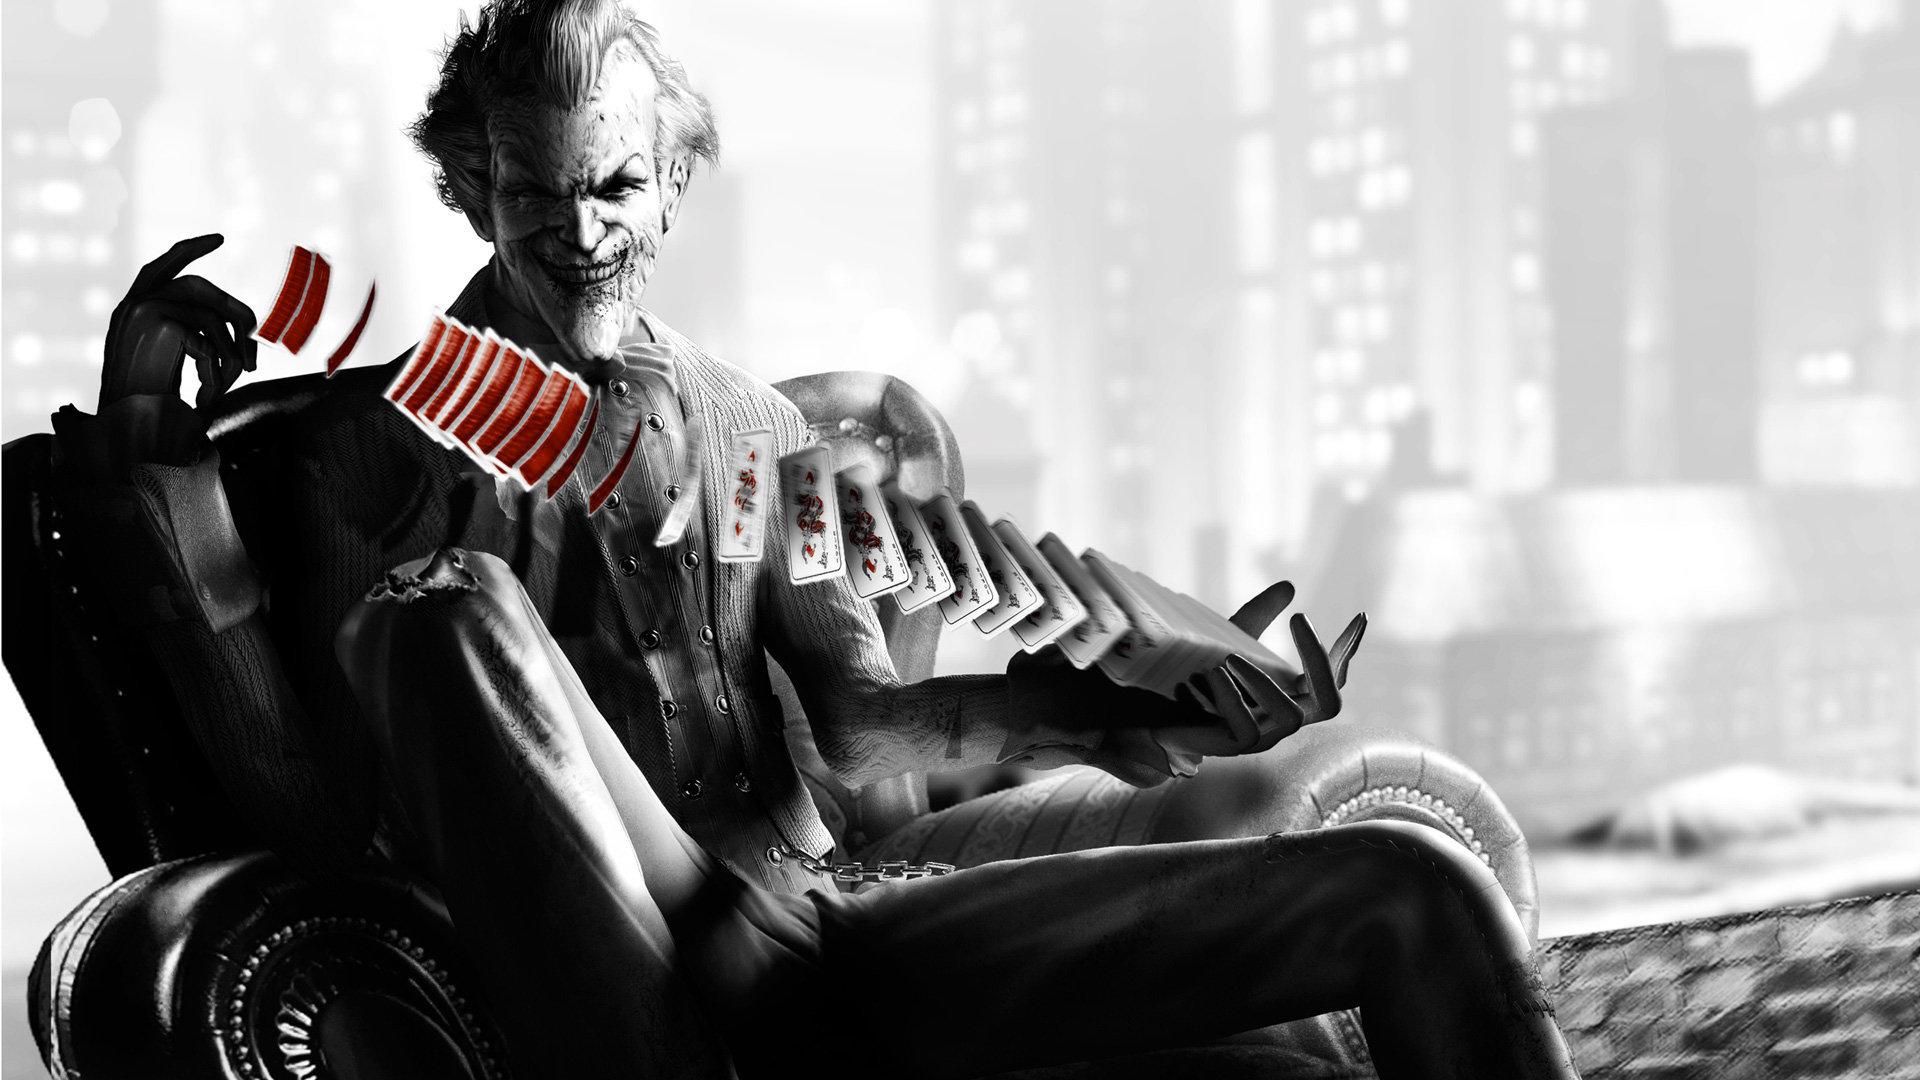 Hd wallpaper joker - Batman Arkham City Joker Wallpaper 1920 1080 23054 Hd Wallpaper Res